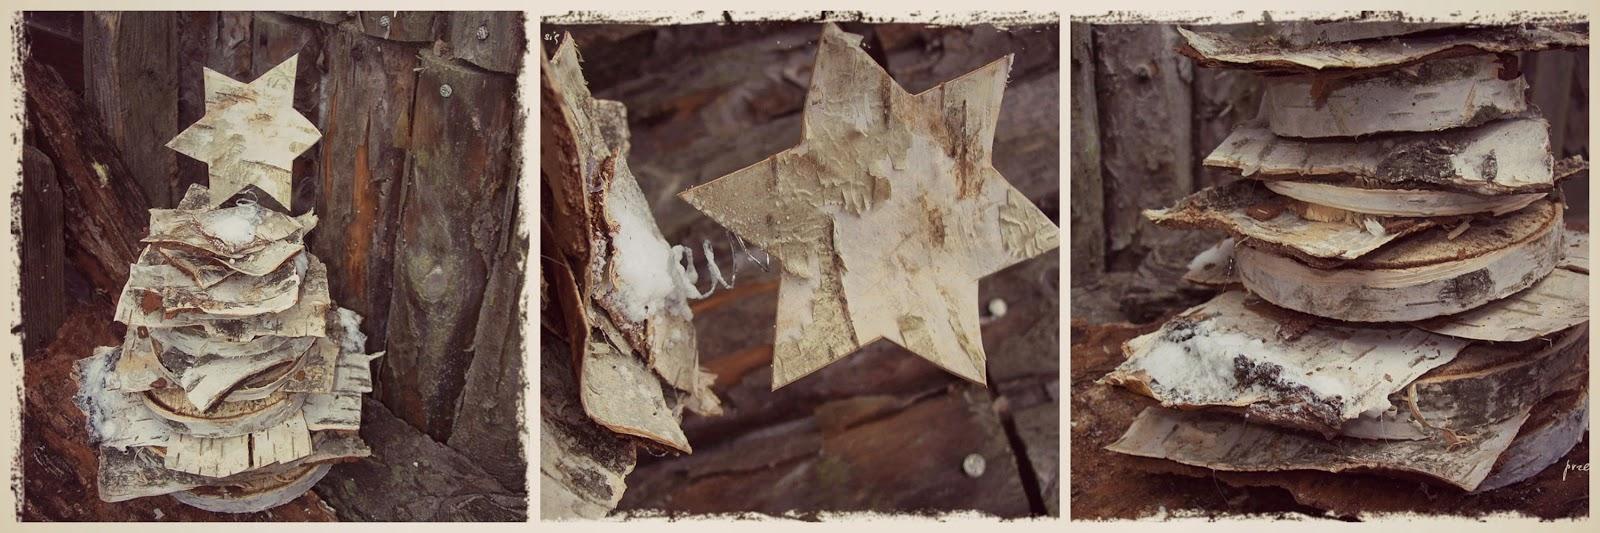 http://przetarlosie.blogspot.com/2014/12/swiateczne-inspiracje-o-choinka-ii.html